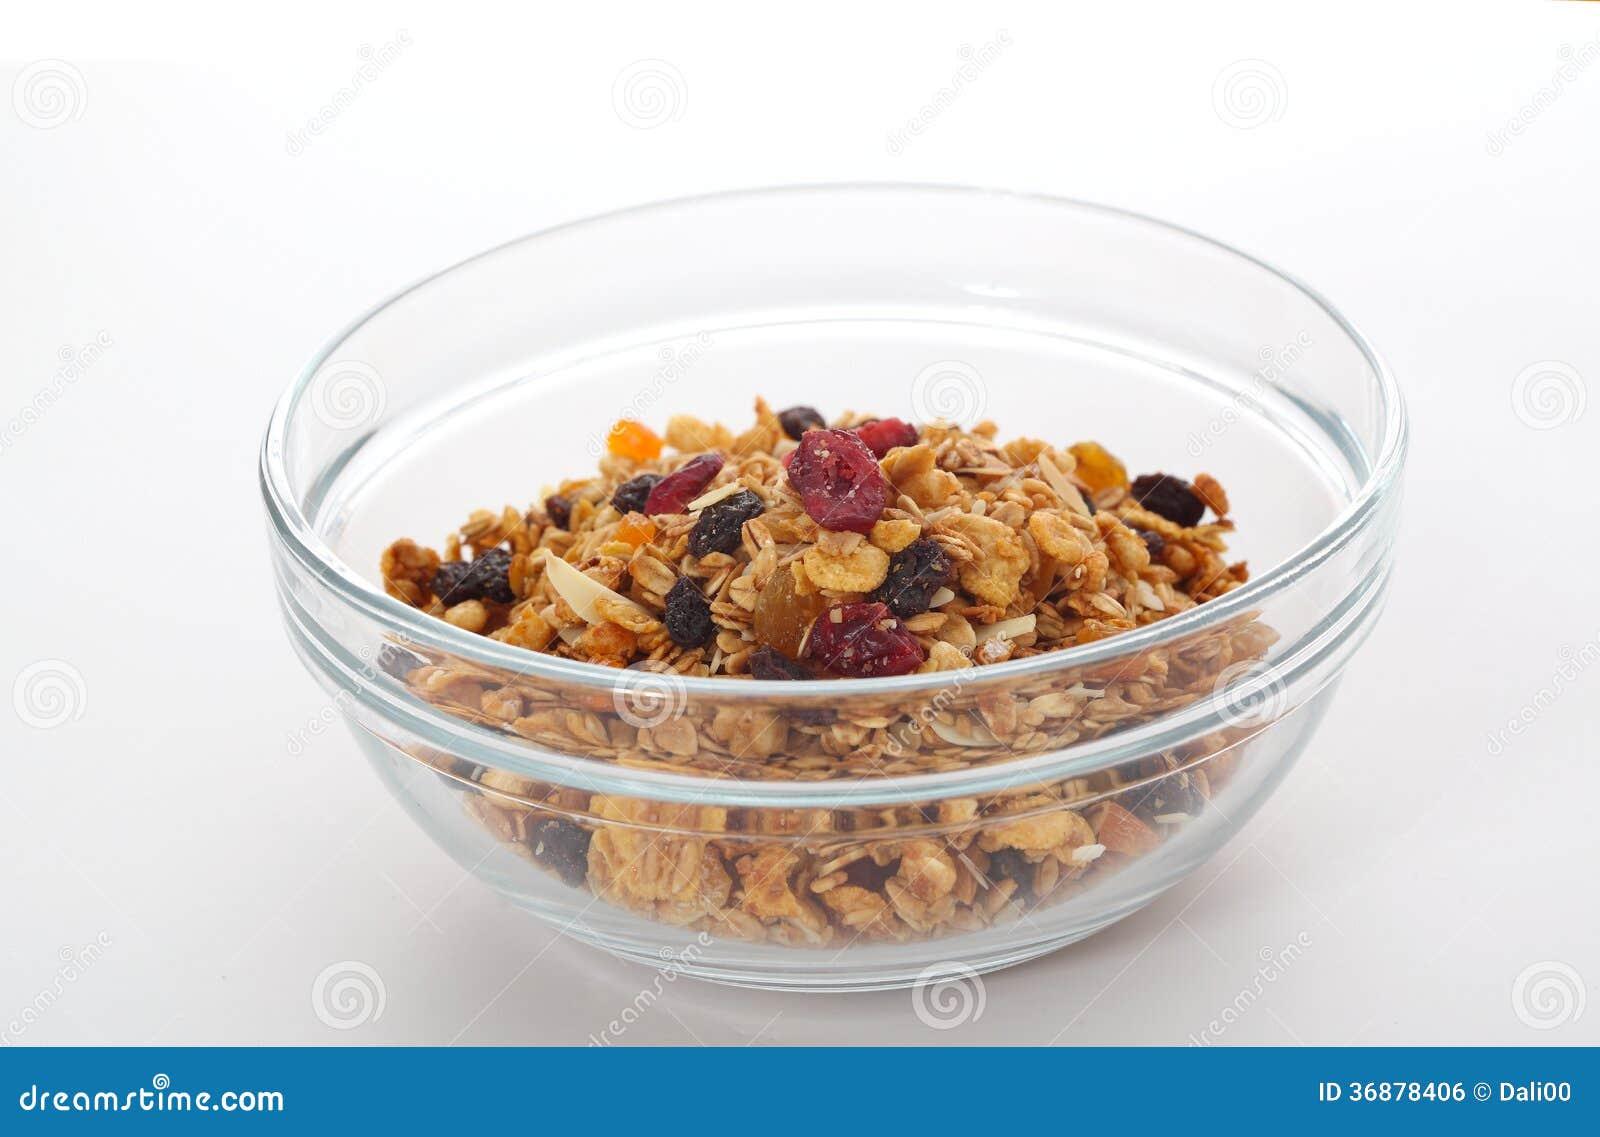 Download Ciotola di granola fotografia stock. Immagine di caloria - 36878406